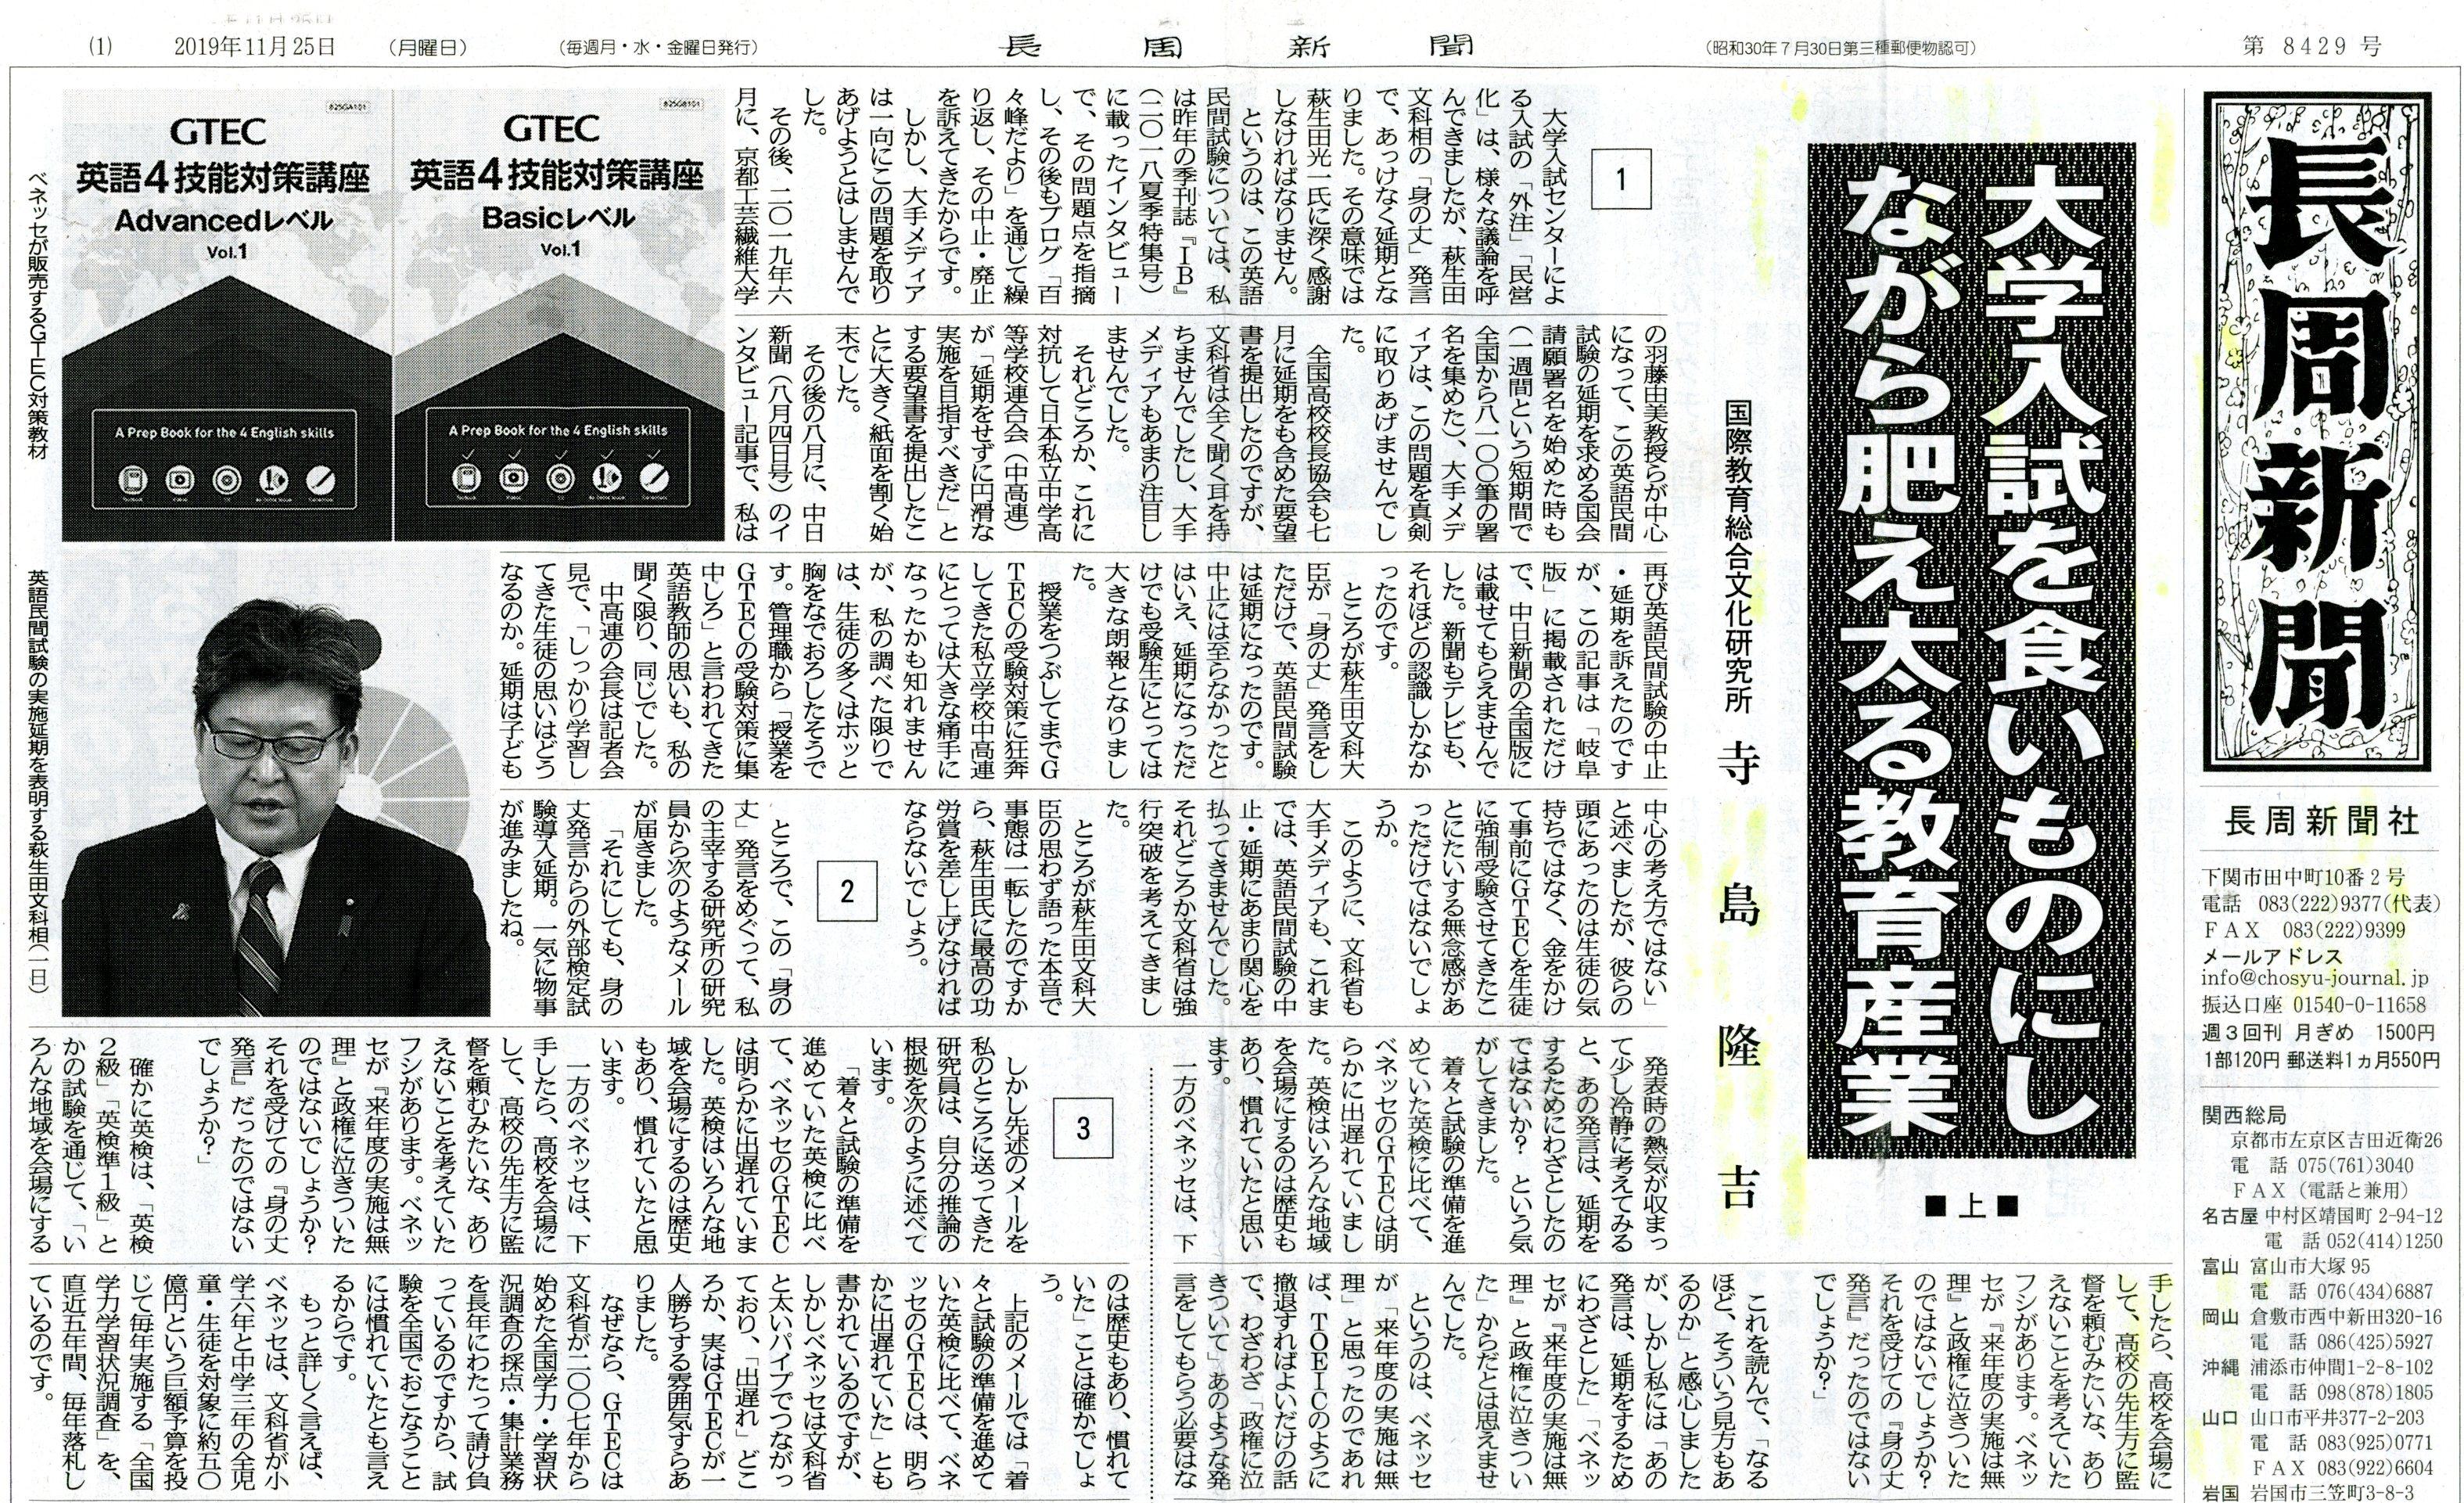 長周新聞新聞20191122隆吉「英語民間試験」376